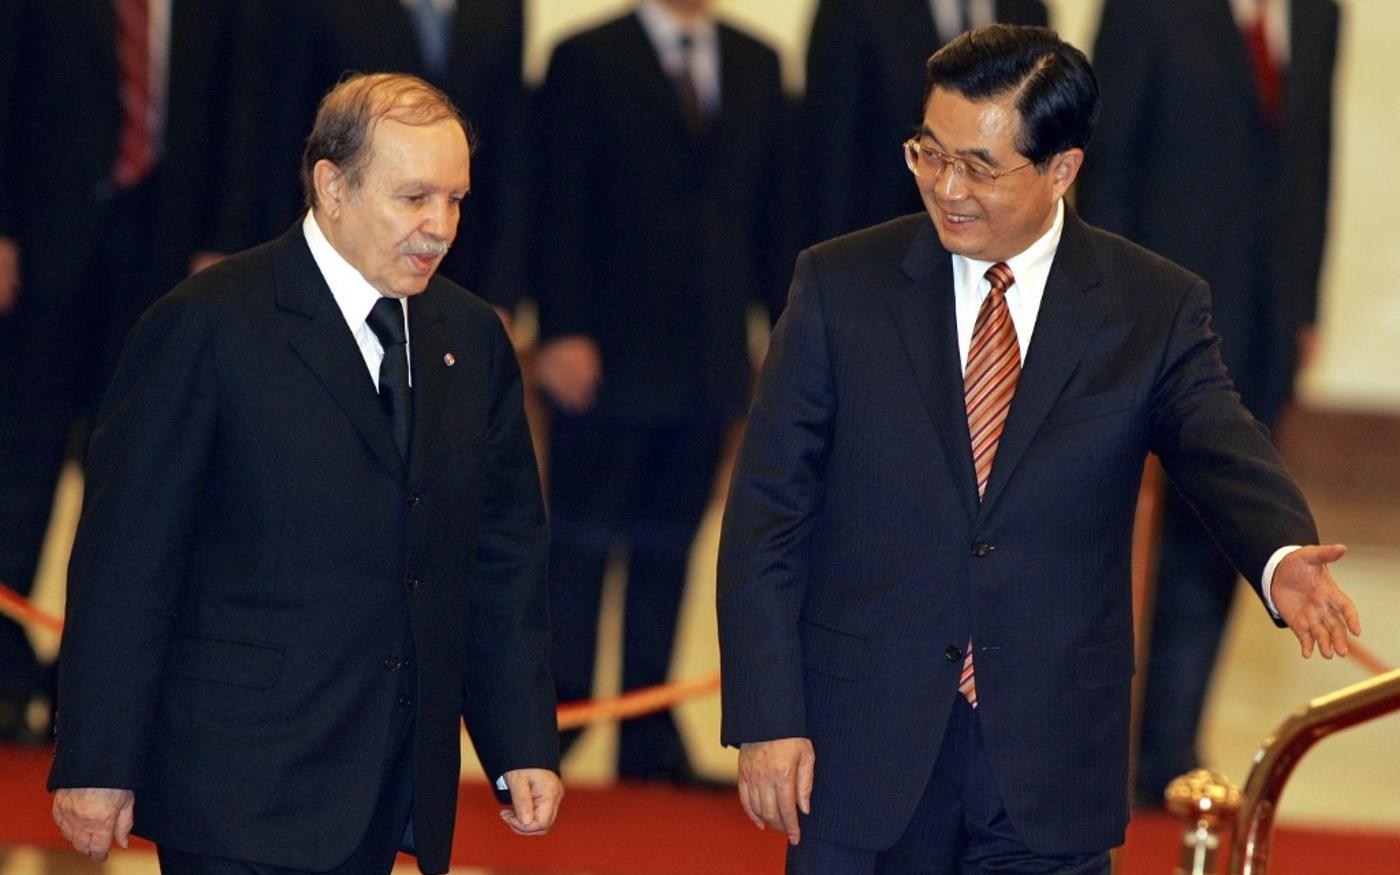 Le président algérien Abdelaziz Bouteflika et le président chinois Hu Jintao le 6 novembre 2006 à Beijing (AFP)